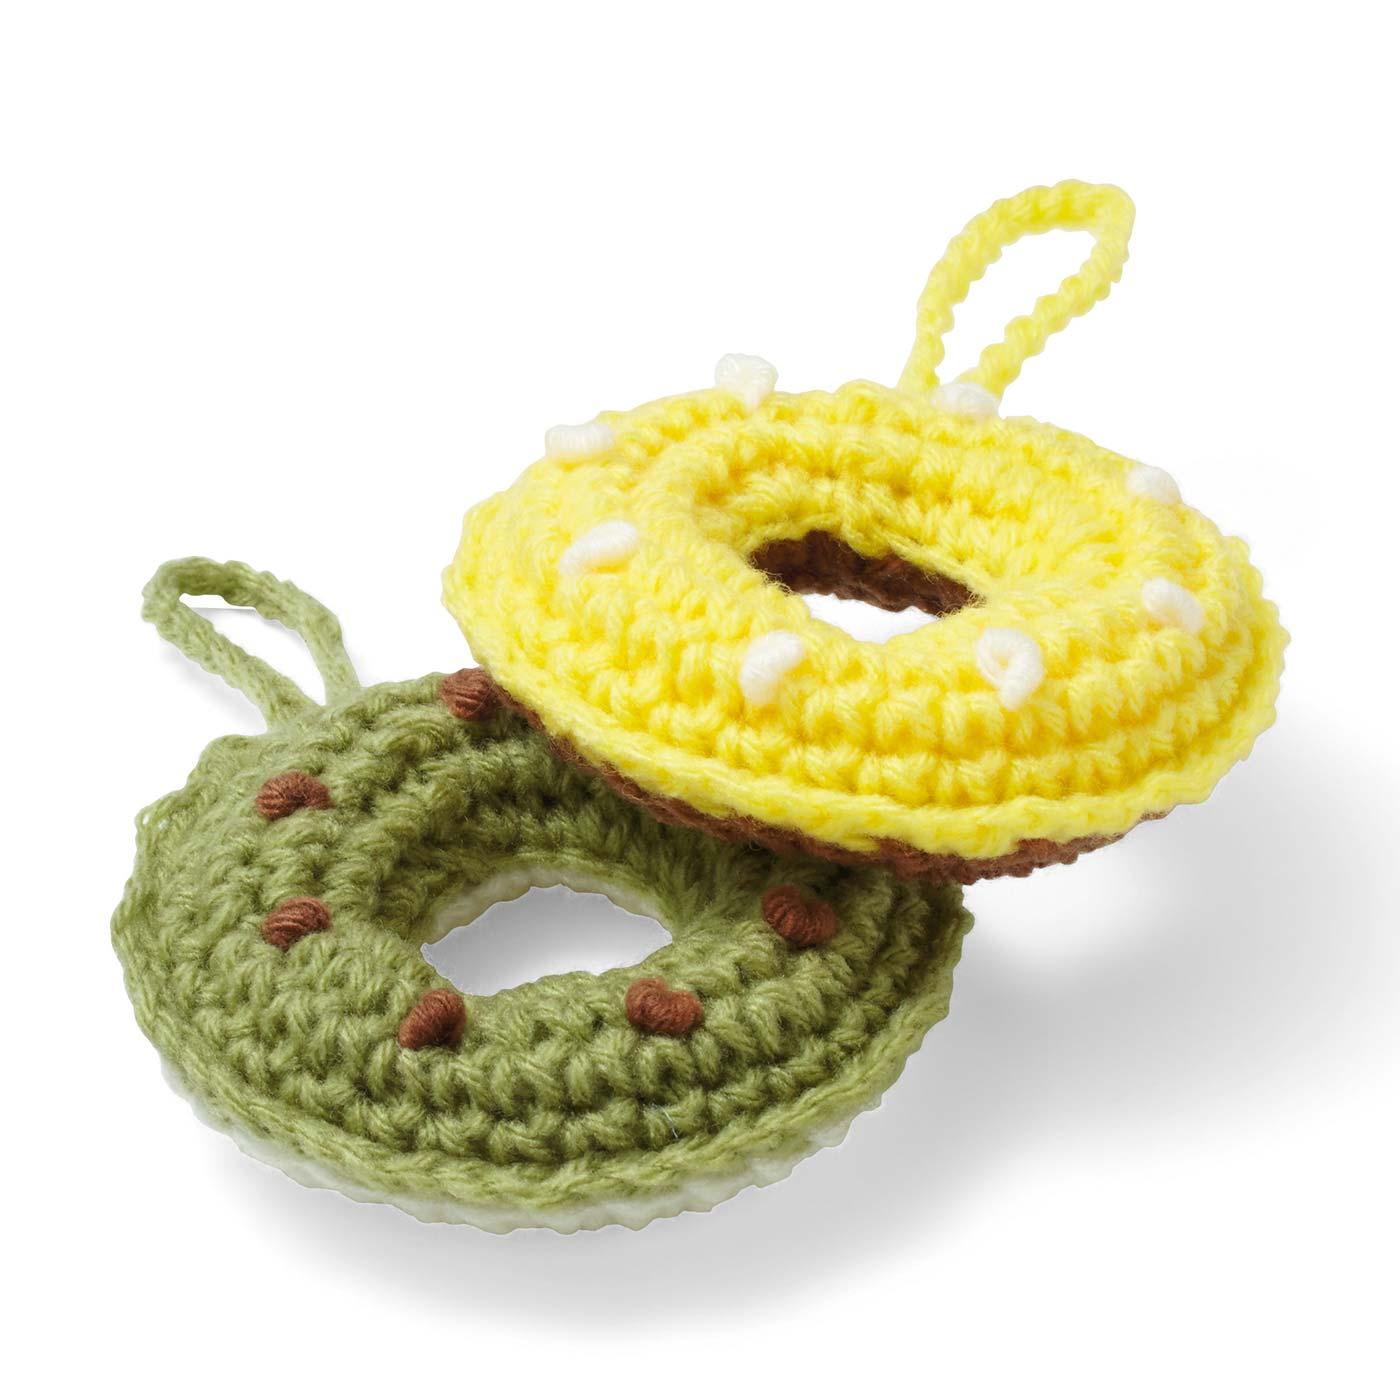 バナナとグリーンティーのドーナツ 直径約9.5cm